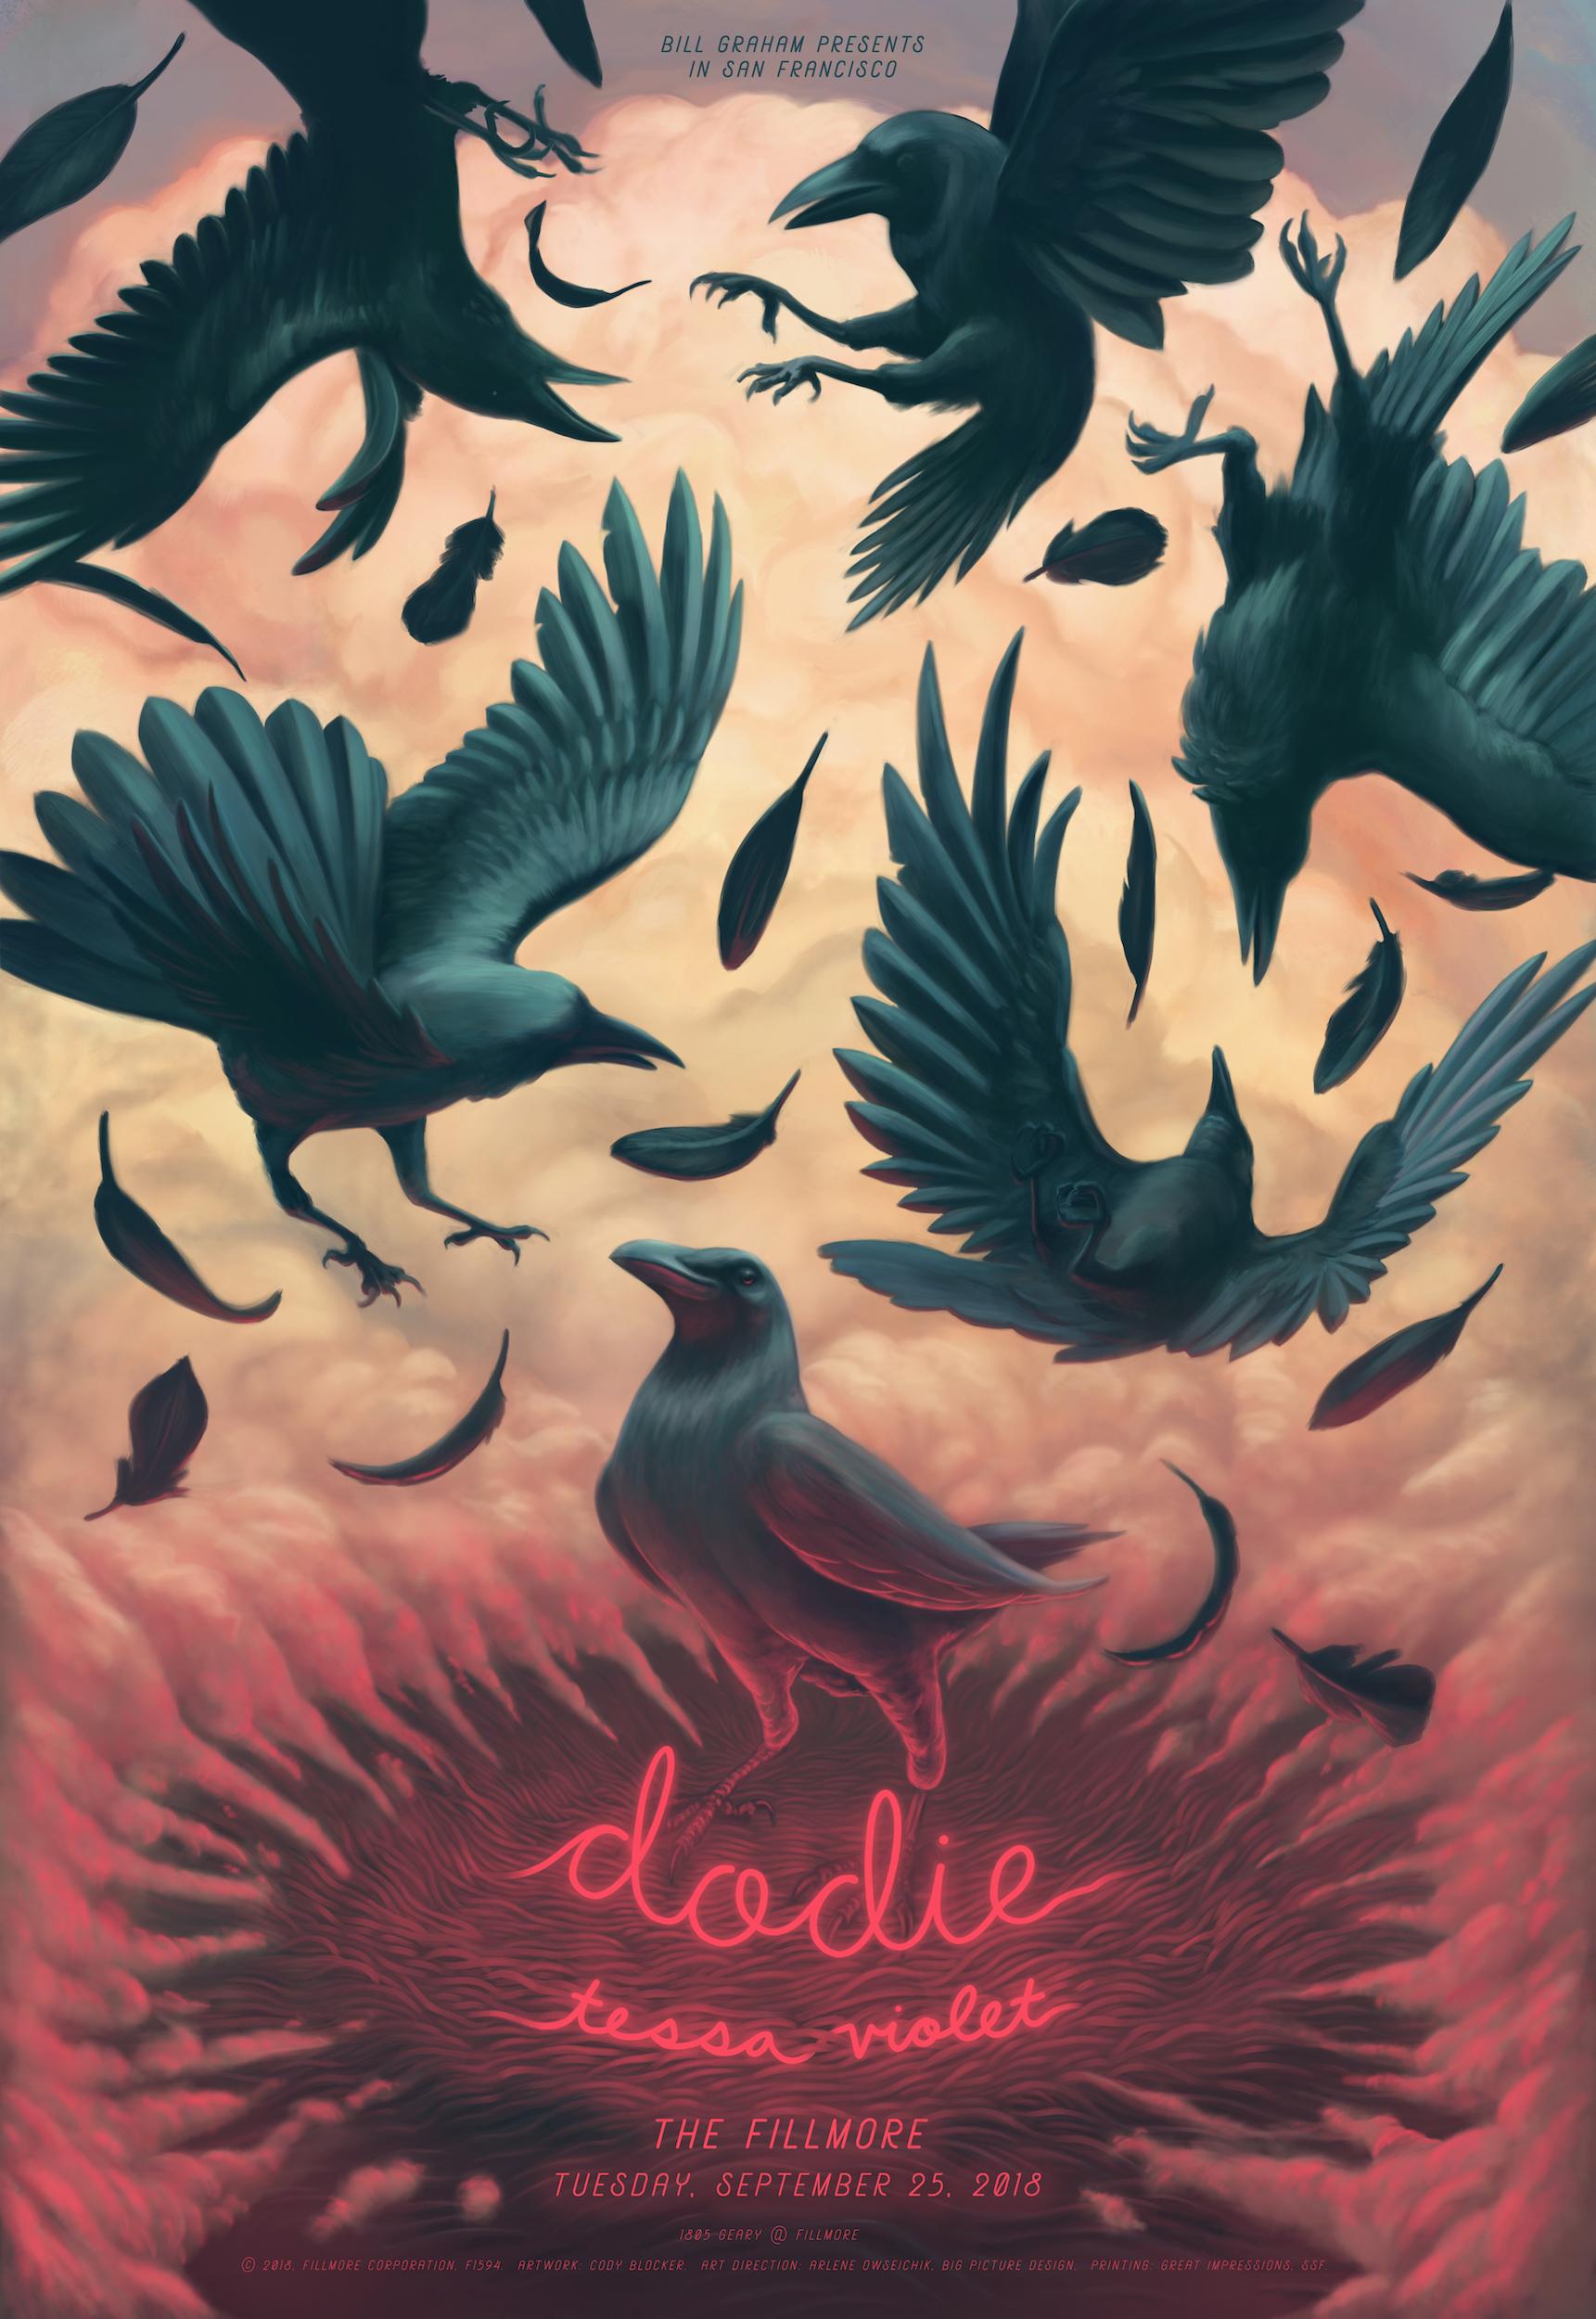 dodie Concert Poster